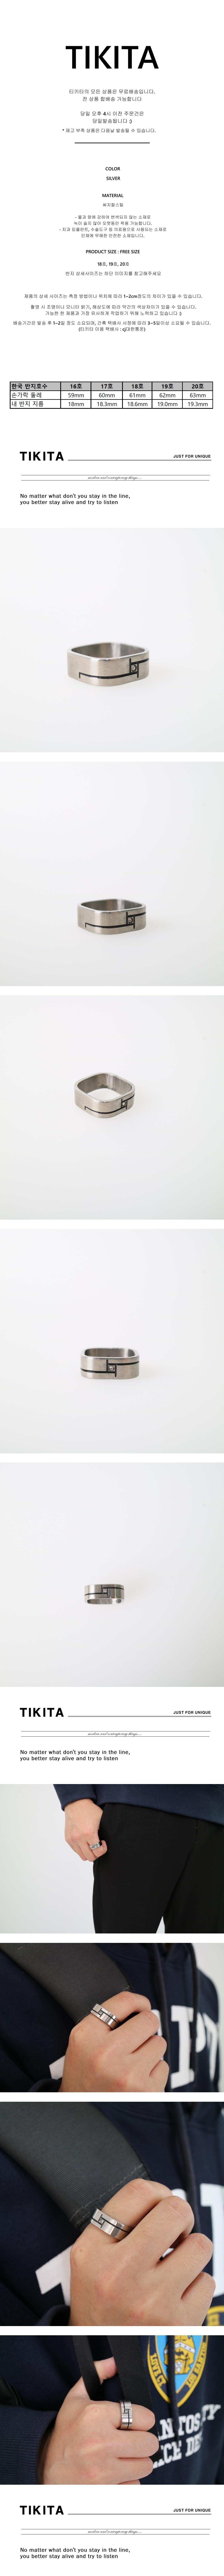 남자 반지 사각 큐빅 펜던트 CUBIC SQUARE - 티키타, 14,000원, 남성주얼리, 반지